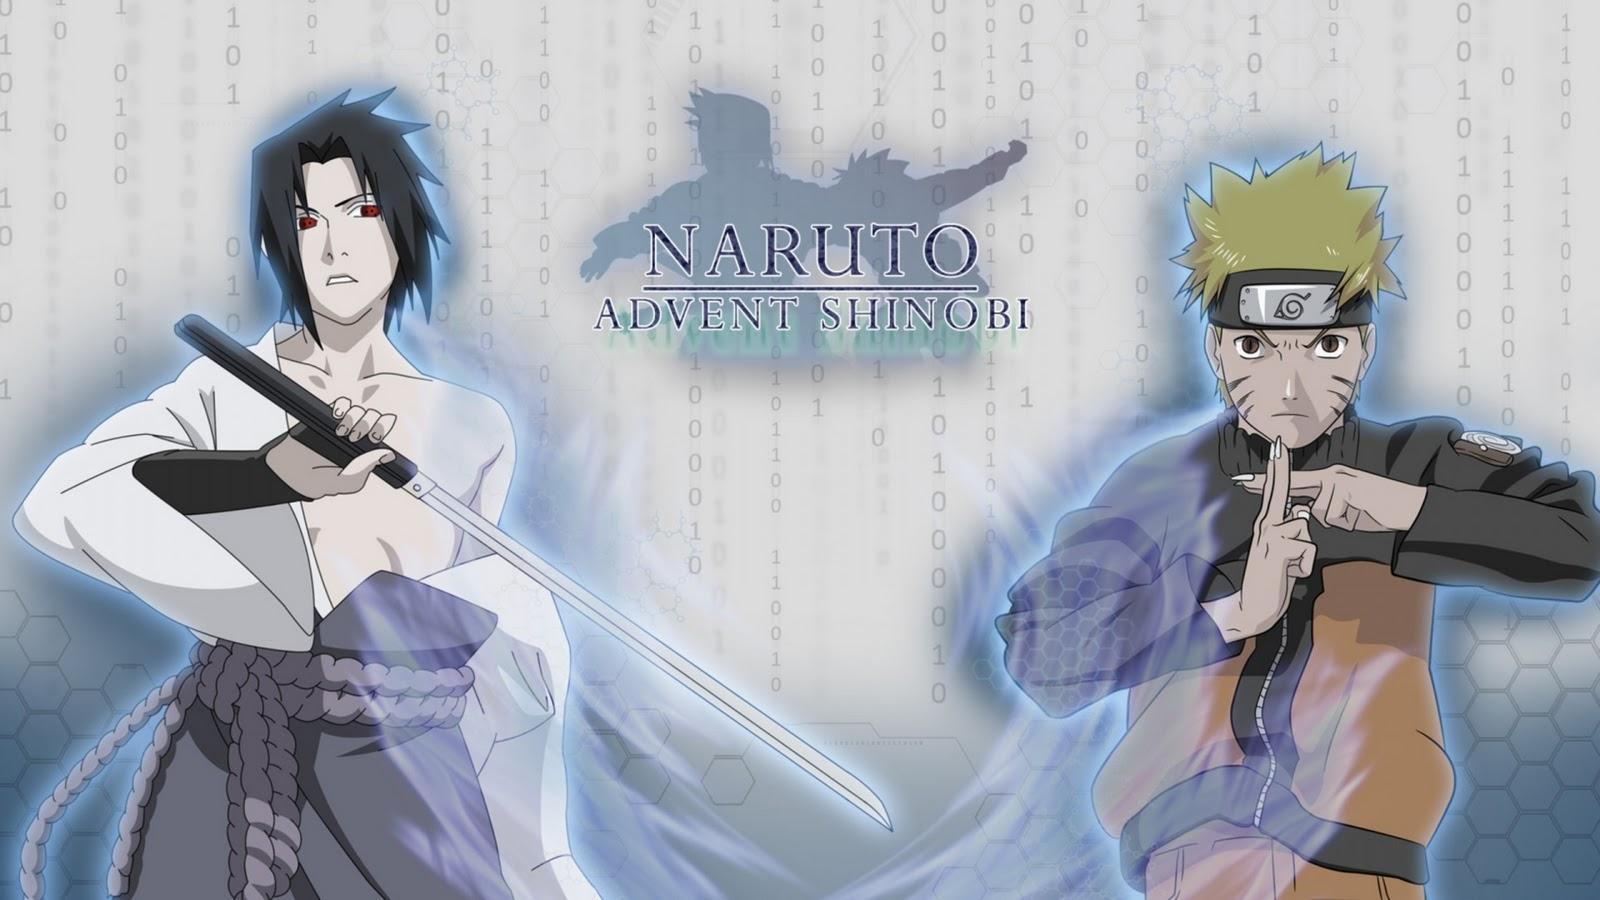 Naruto Vs Sasuke Shippuden HD wallpaper   Naruto Vs Sasuke Shippuden 1600x900